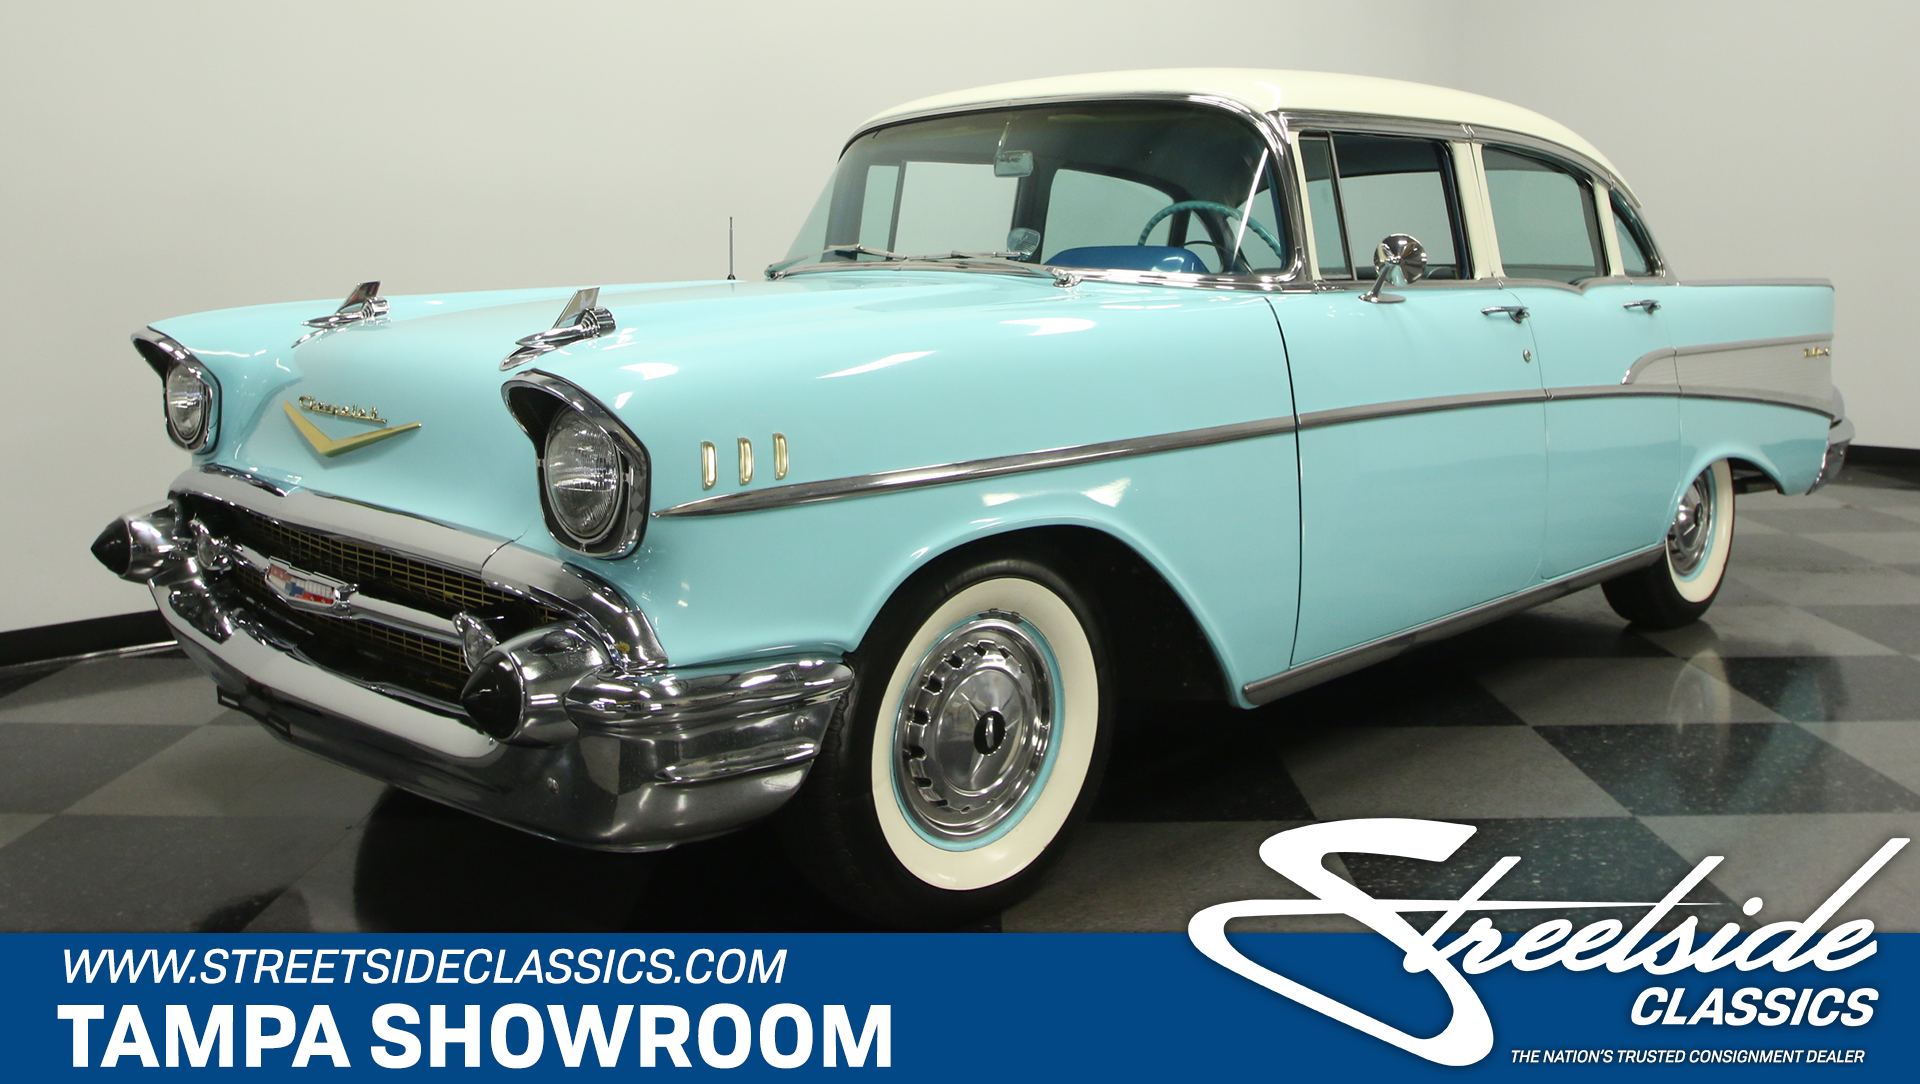 1957 Chevrolet Bel Air 4 Door Sedan For Sale 98025 Mcg Chevy